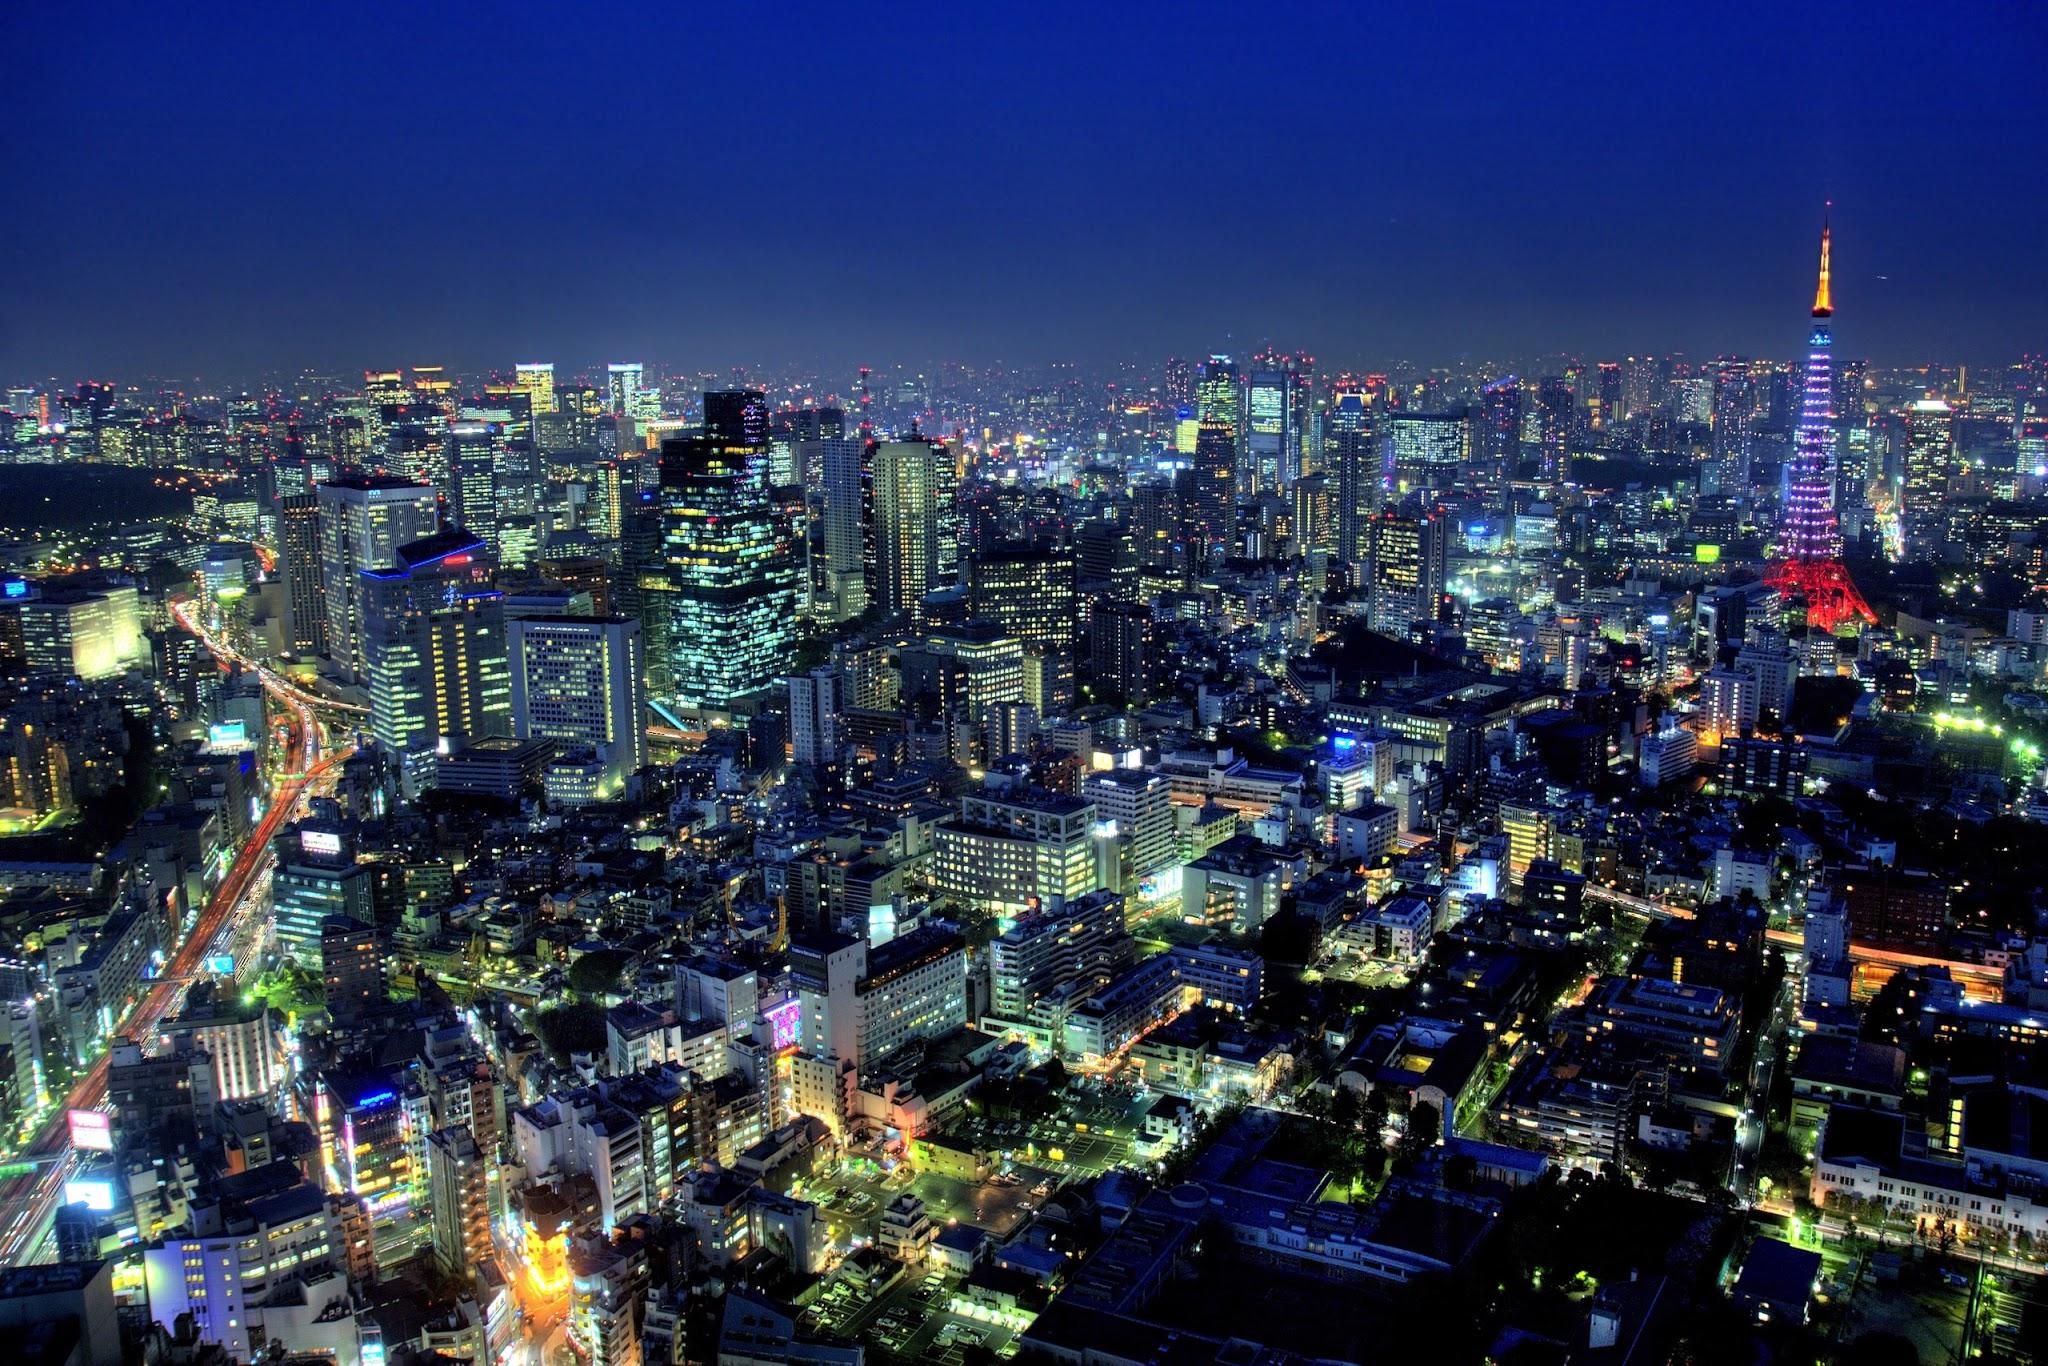 東京の壁紙 Hdrの高解像度pc壁紙まとめ Idea Web Tools 自動車とテクノロジーのニュースブログ